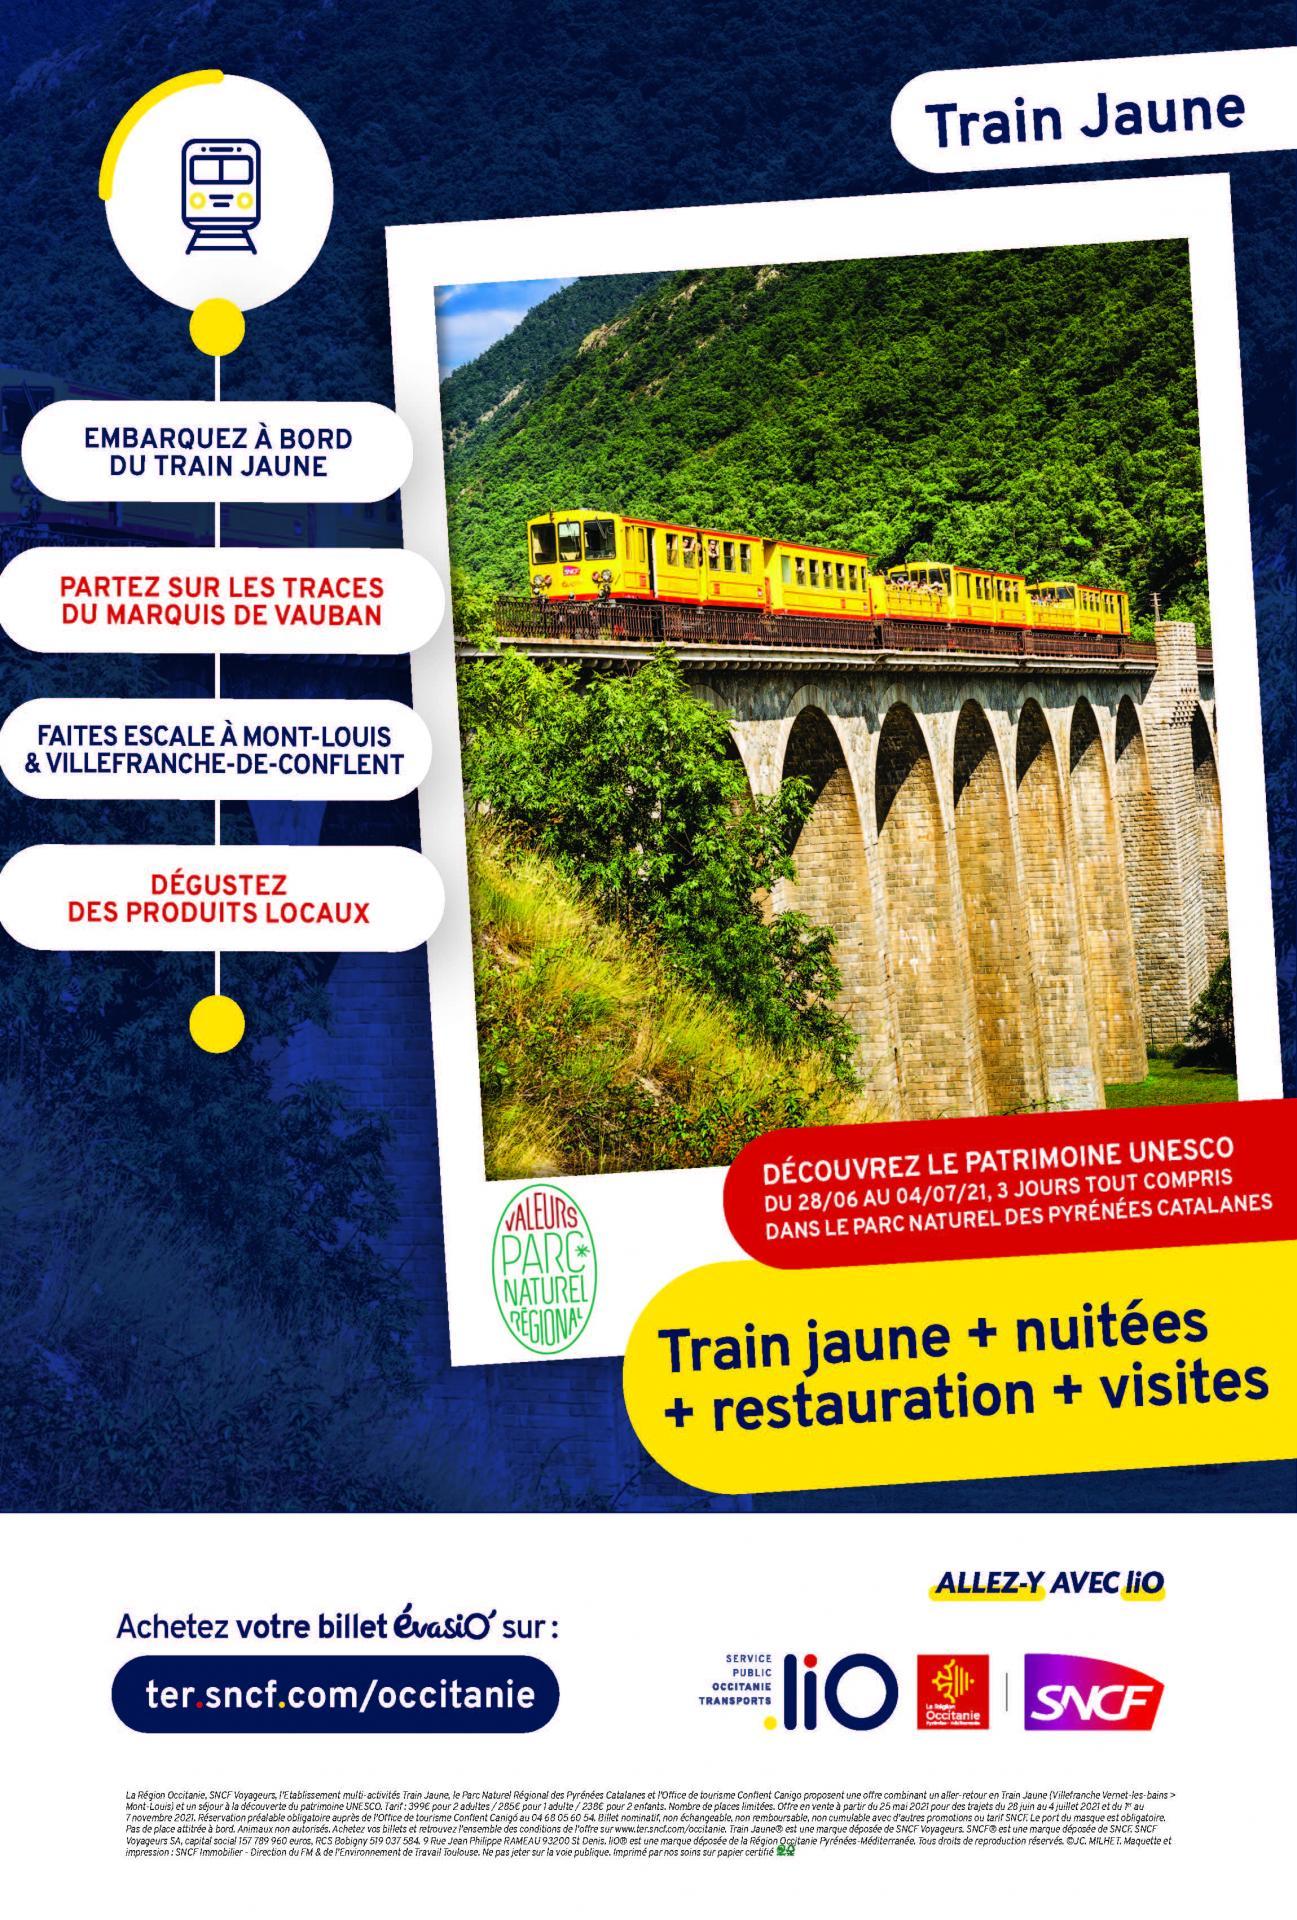 Affiche reductions train jaune ot conflent canigo juin 2021